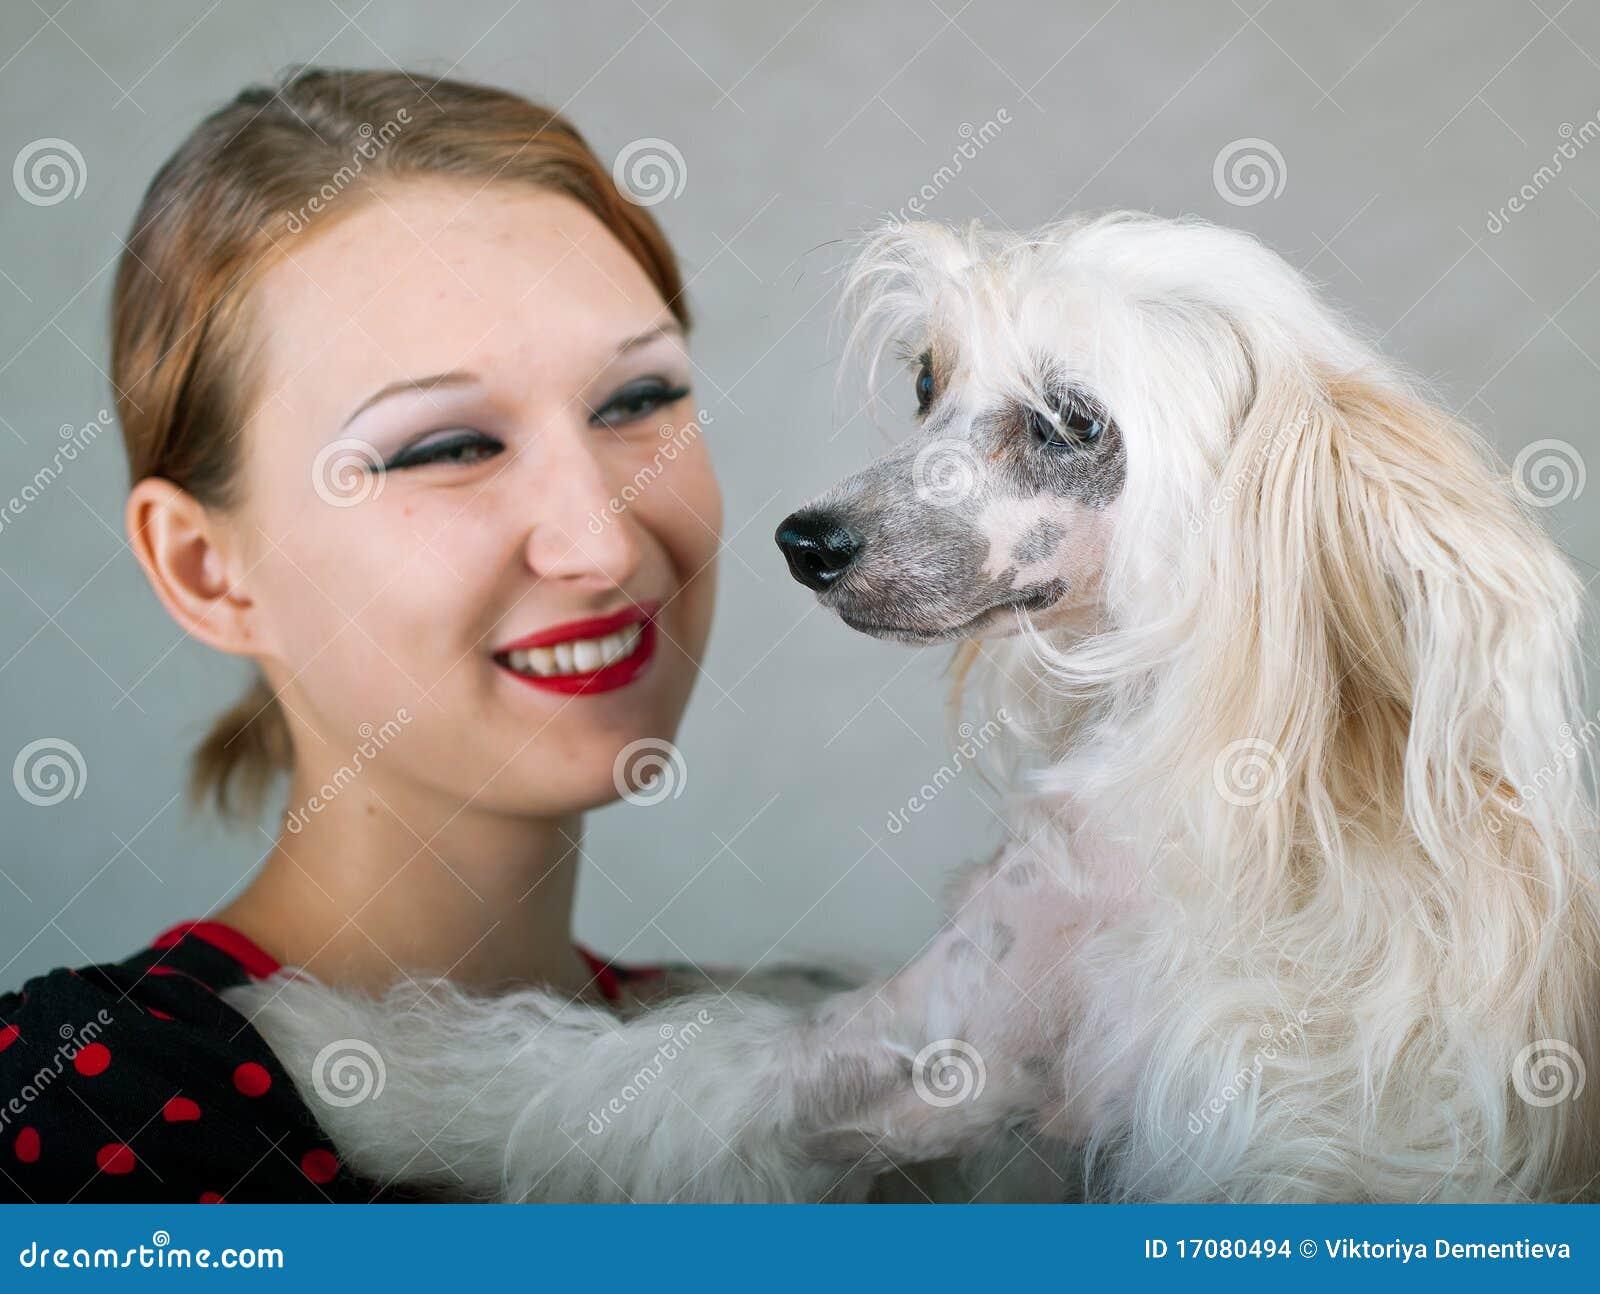 Lächelndes Mädchen und chinesischer mit Haube Hund